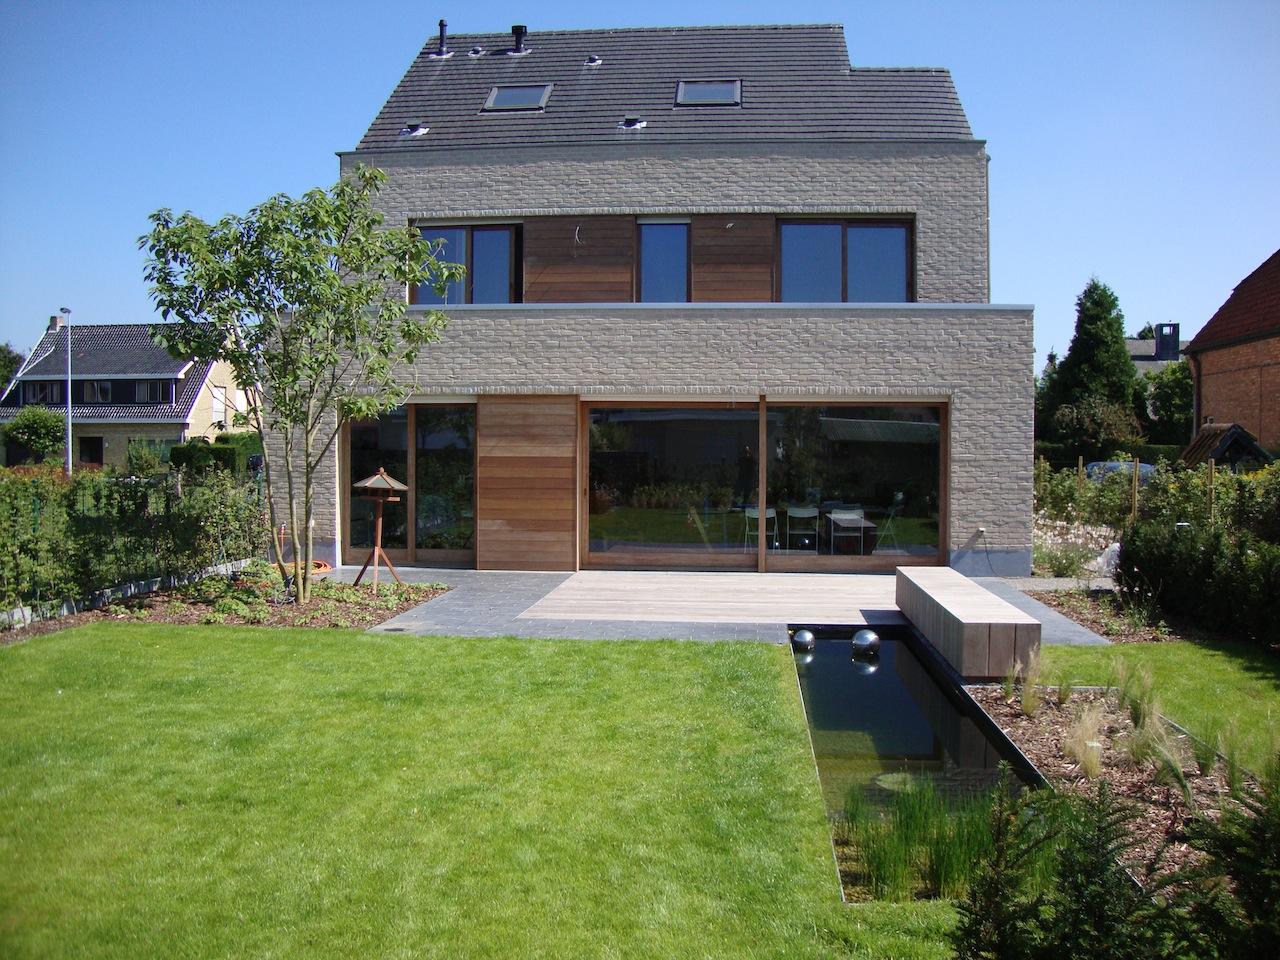 Afgewerkte projecten door jonas d 39 hoore tijdloos ontwerp for Hedendaagse architecten